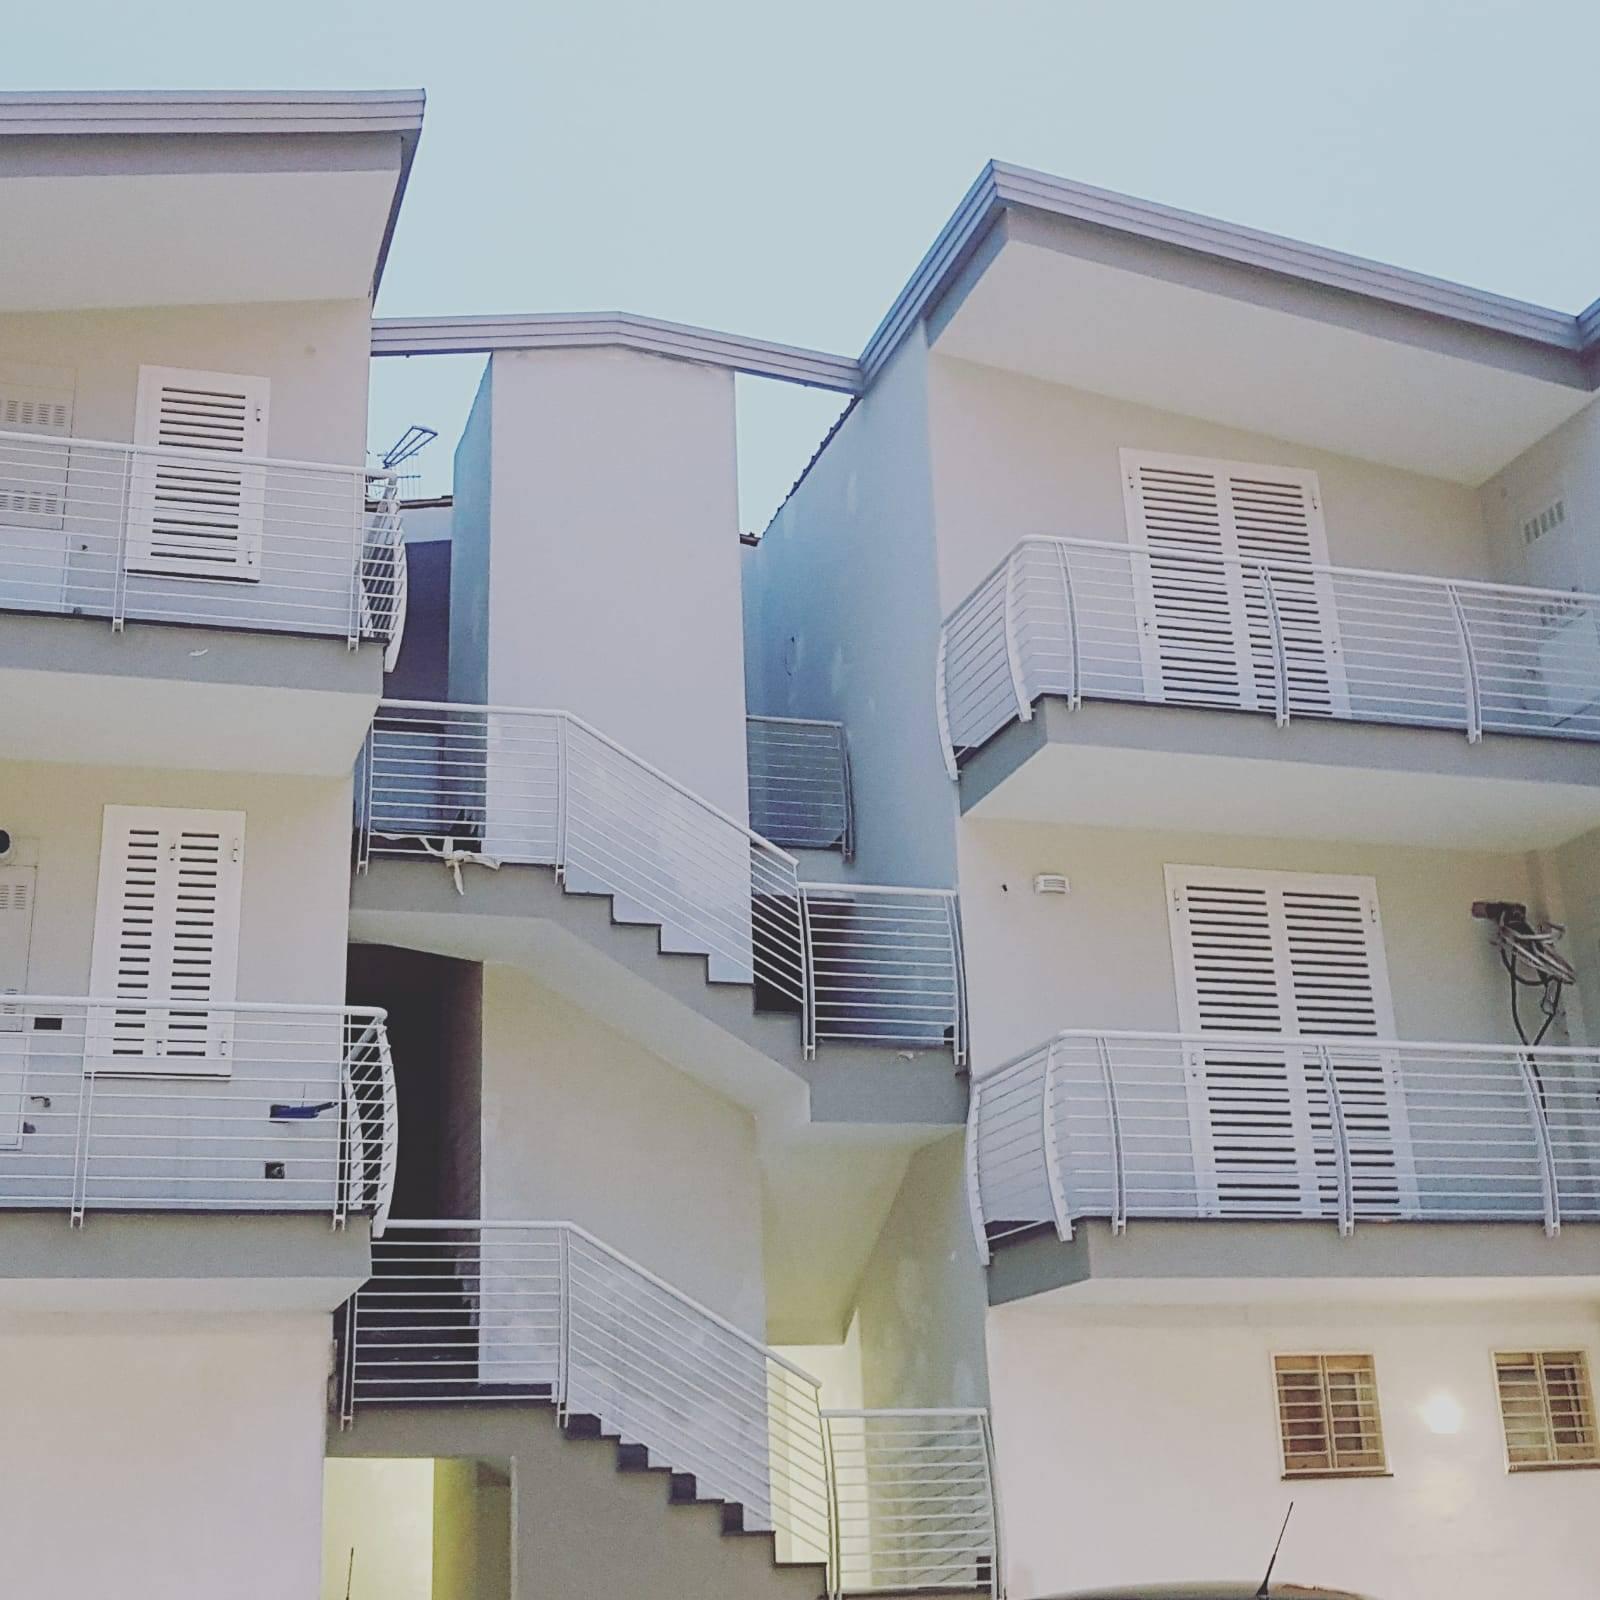 Appartamento in vendita a Castello di Cisterna, 3 locali, prezzo € 180.000   CambioCasa.it